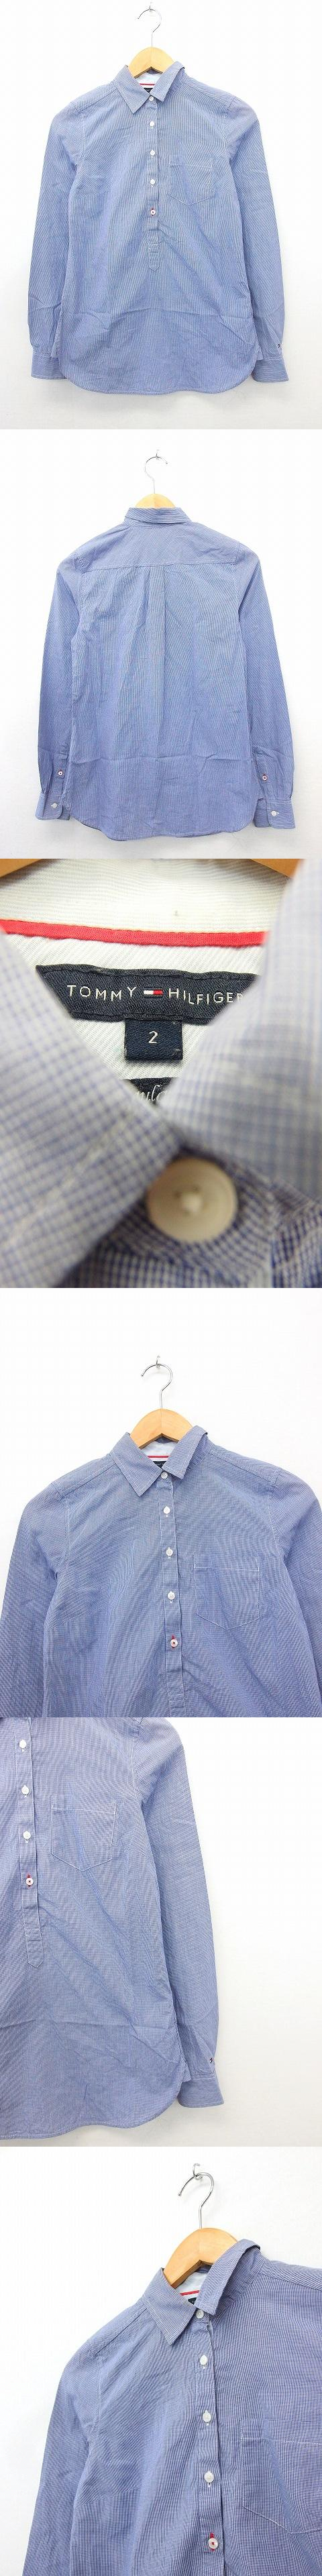 国内正規品 シャツ ブラウス 長袖 プルオーバー 綿 コットン 総柄 2 ブルー 青 /KT23